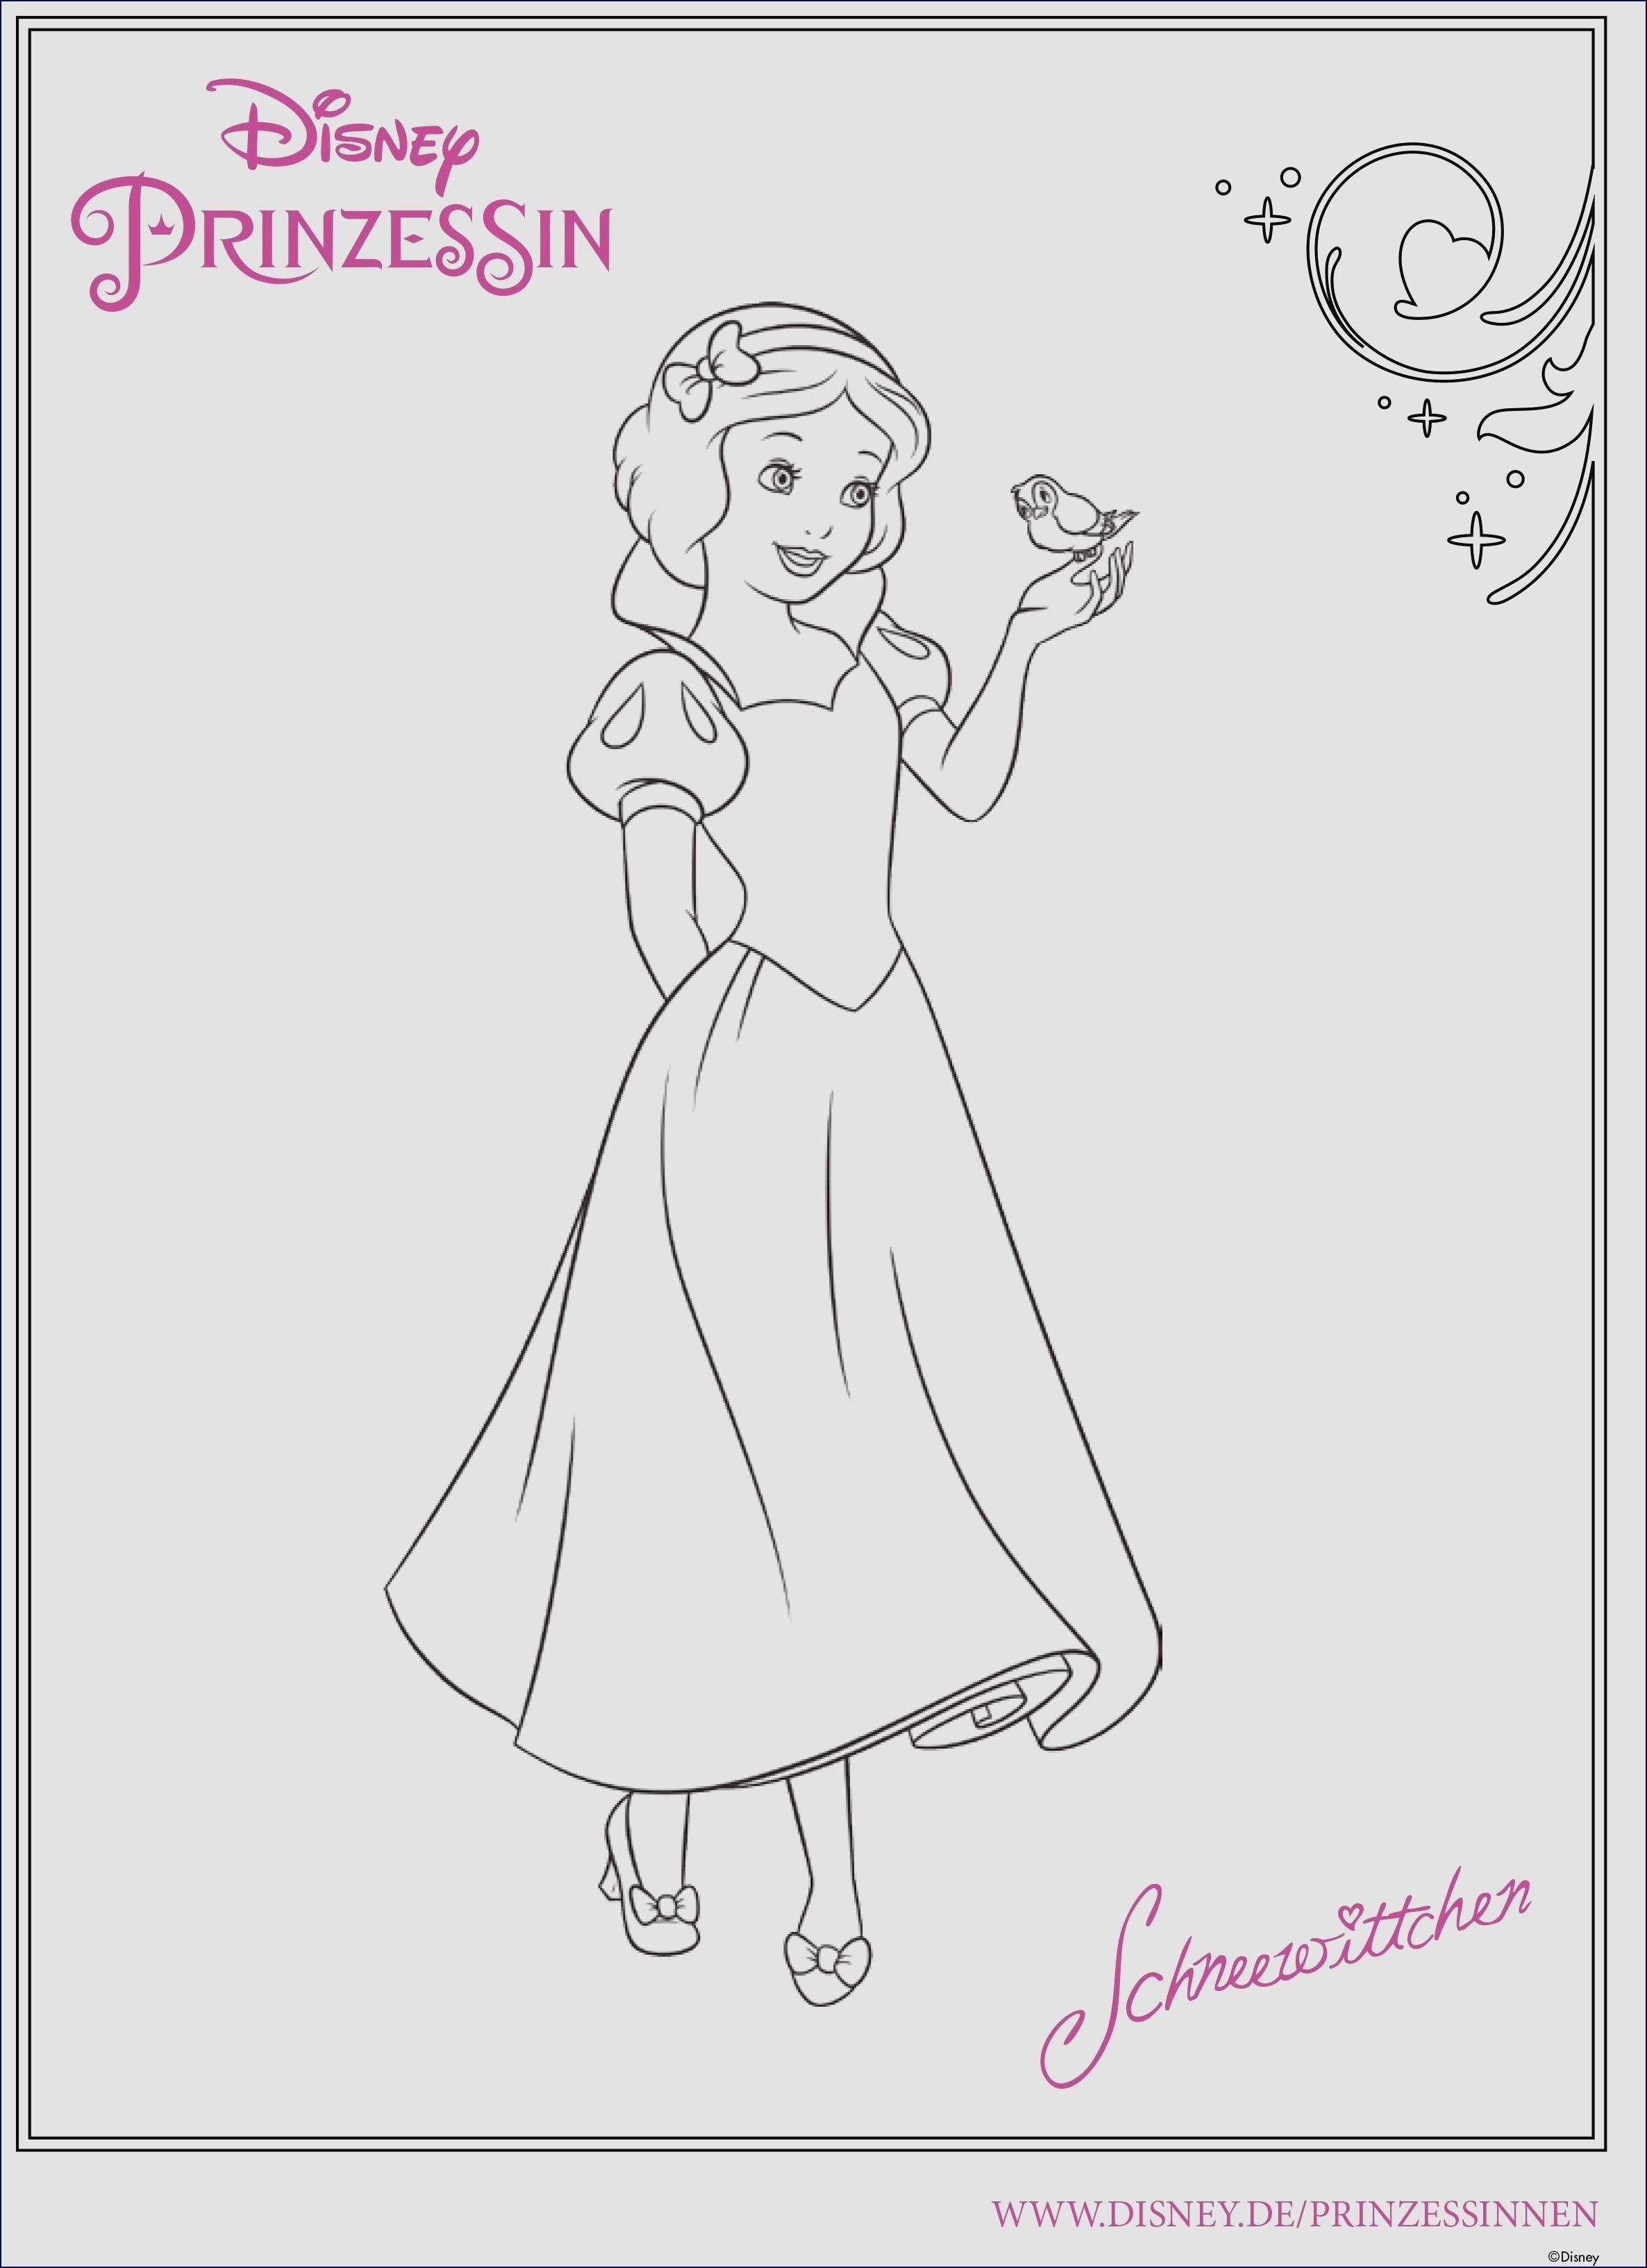 Ausmalbilder Disney Prinzessinnen Inspirierend Malvorlagen Disney Kostenlos Verschiedene Bilder Färben Bayern Stock